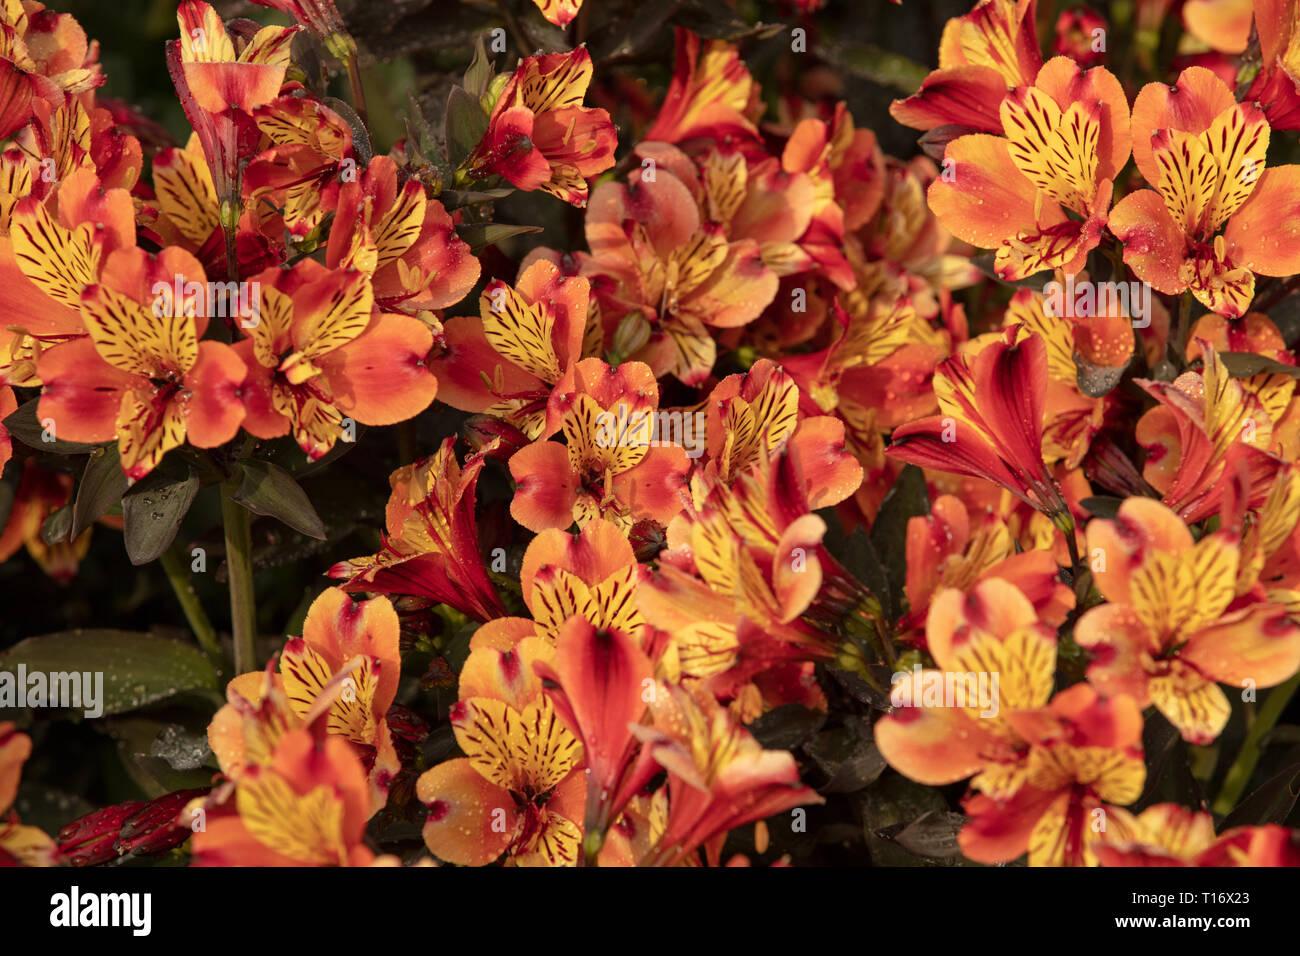 Alstroemeria Estate Indiana con arancio fiori gialli per la semina con altri perenni Piante da giardino o evergreens nei giardini. Immagini Stock